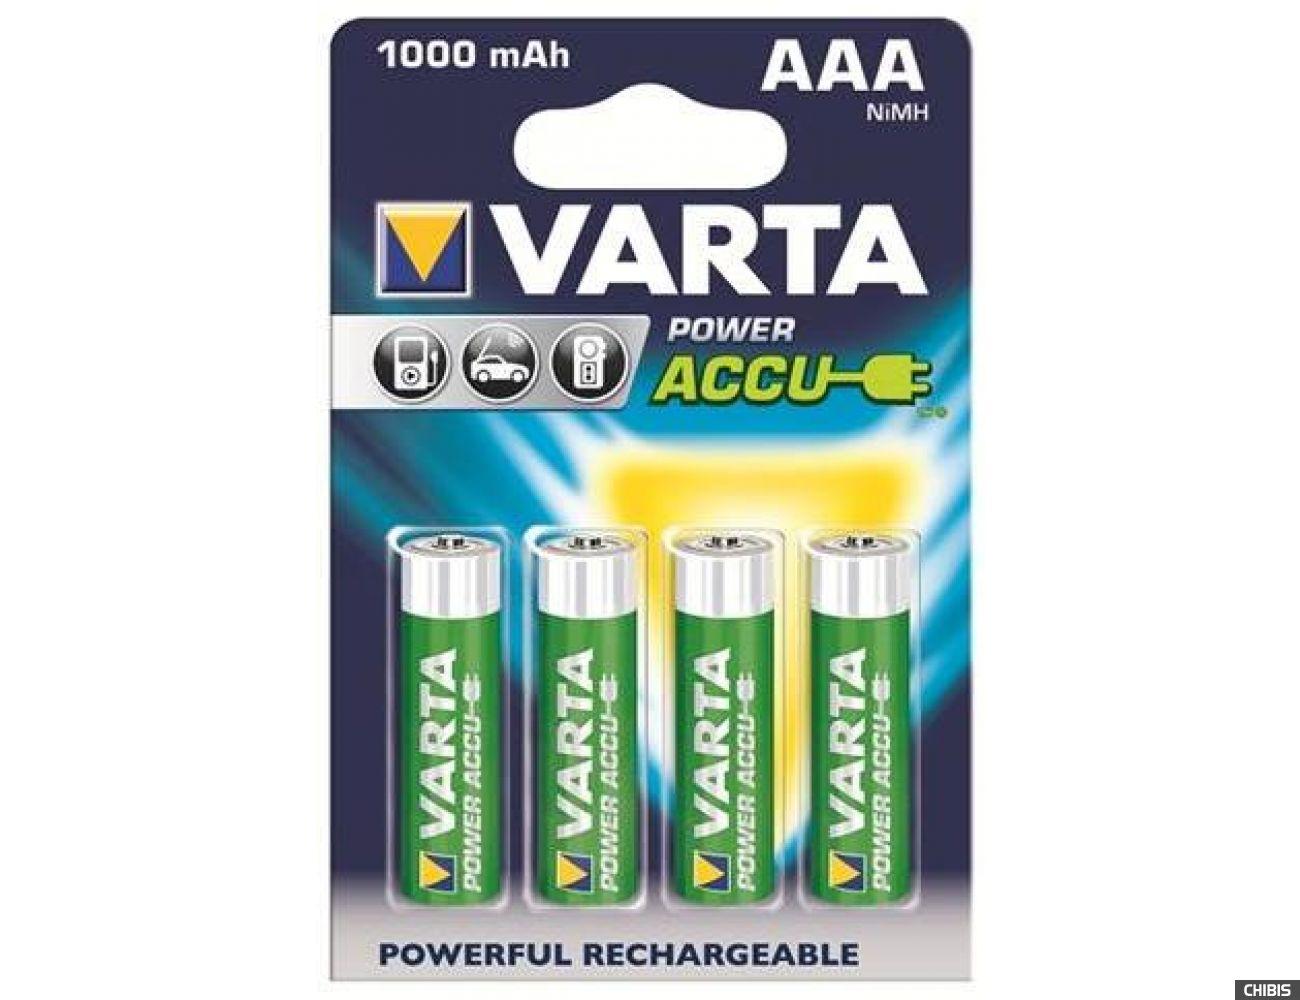 Аккумуляторные батарейки ААА Varta 1000 mAh Power 4/4 56763101404